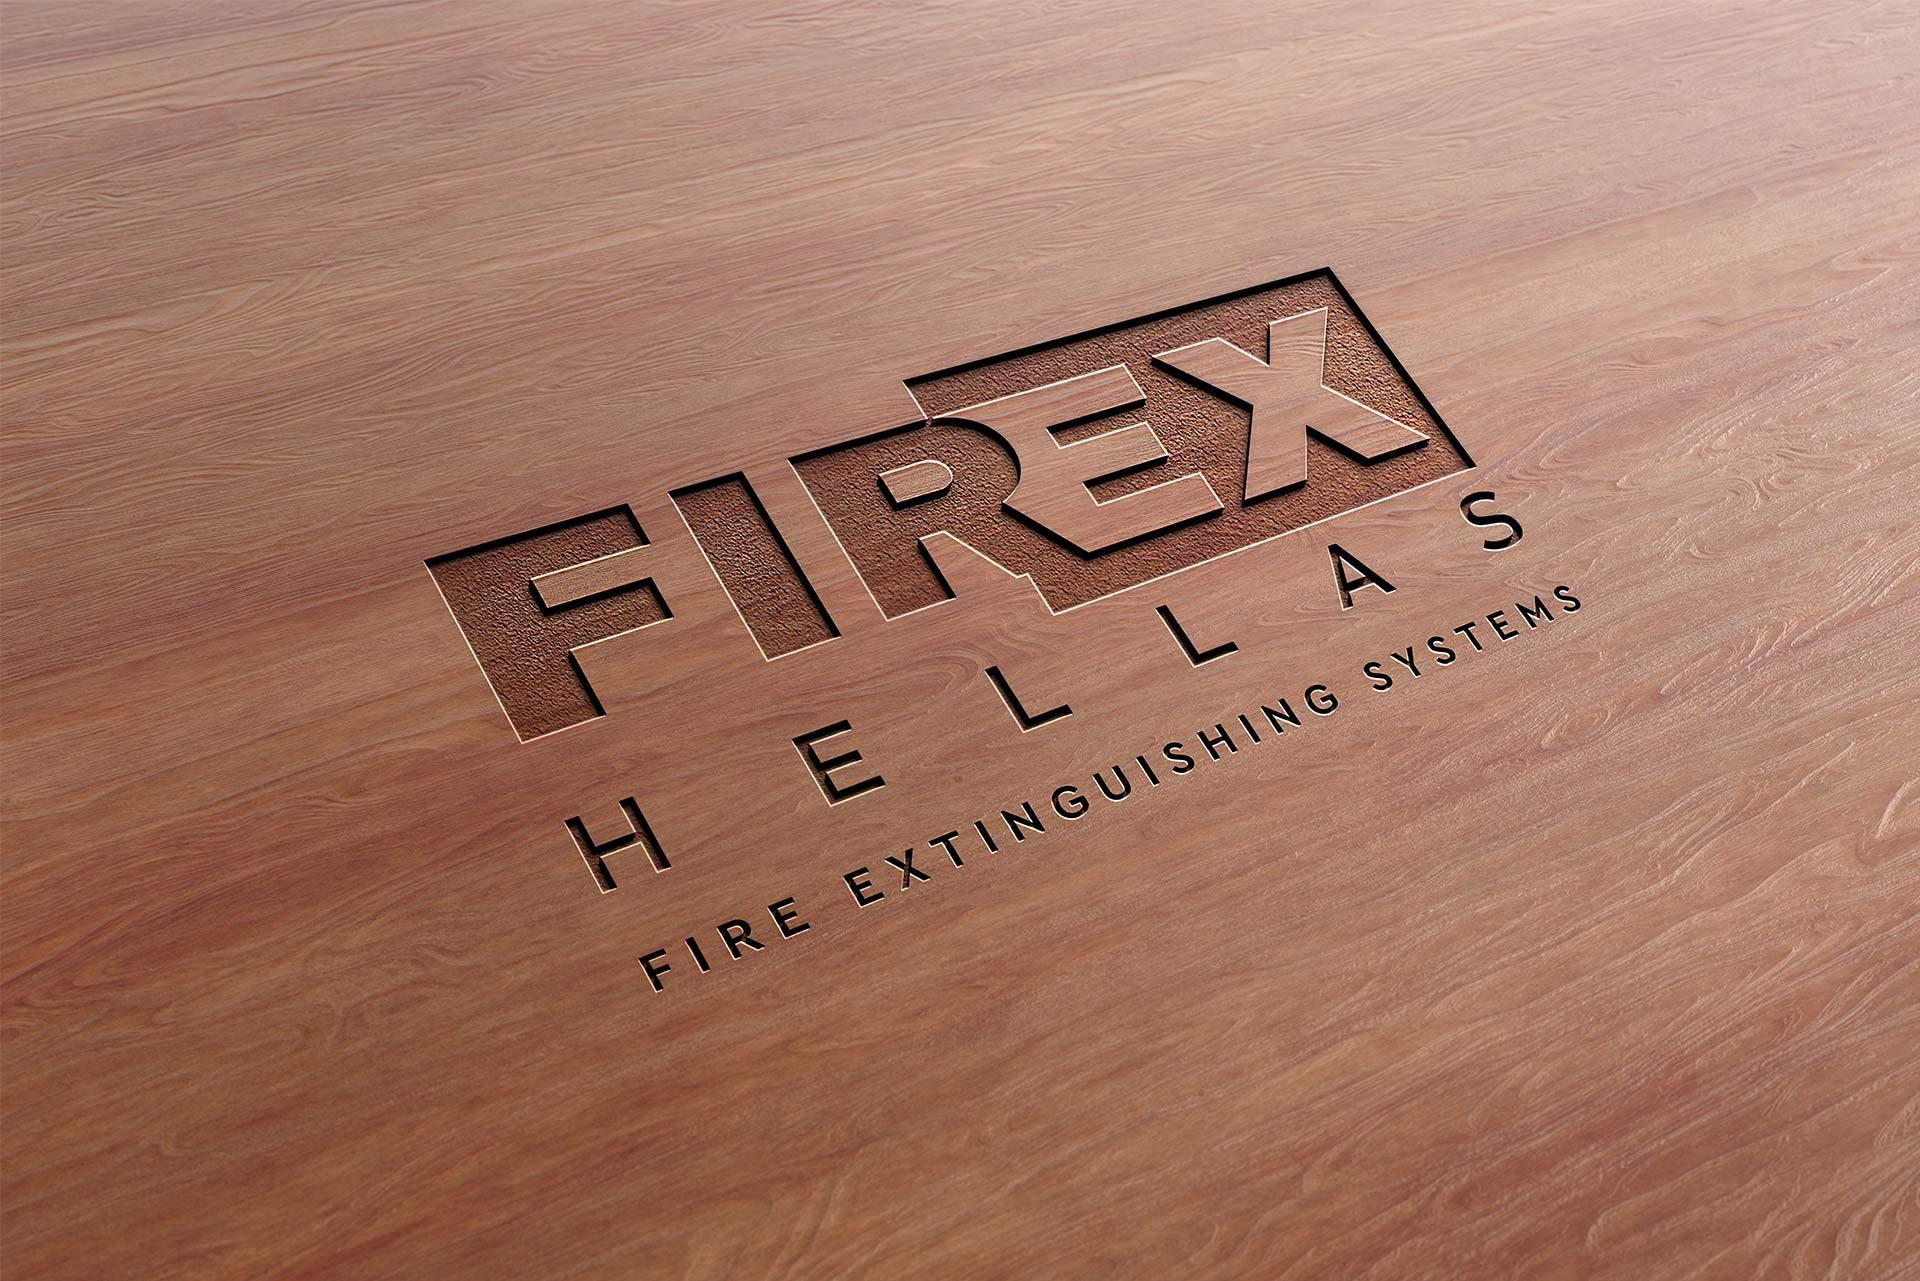 firex-logo